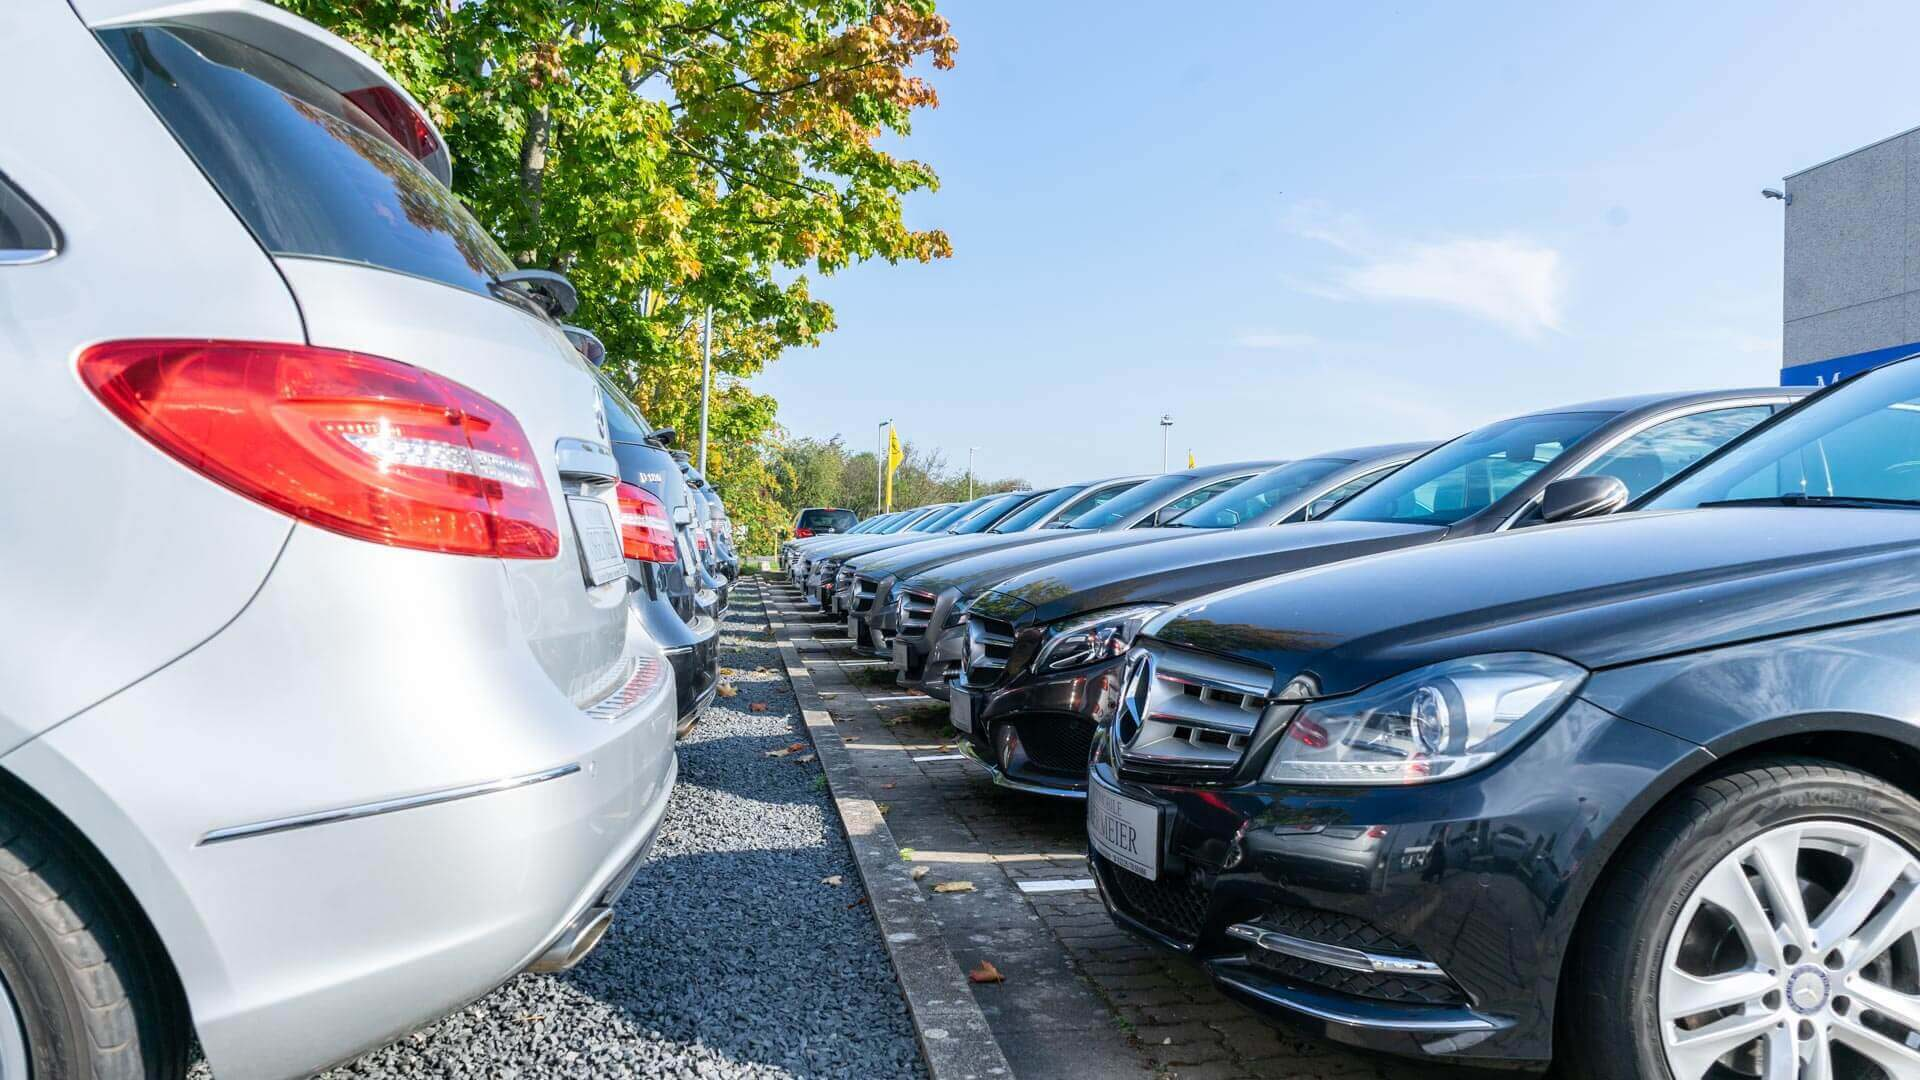 Aufgereihte Gebrauchtfahrzeuge von Mercedes Benz vor Automobile Obermeier Gebäude